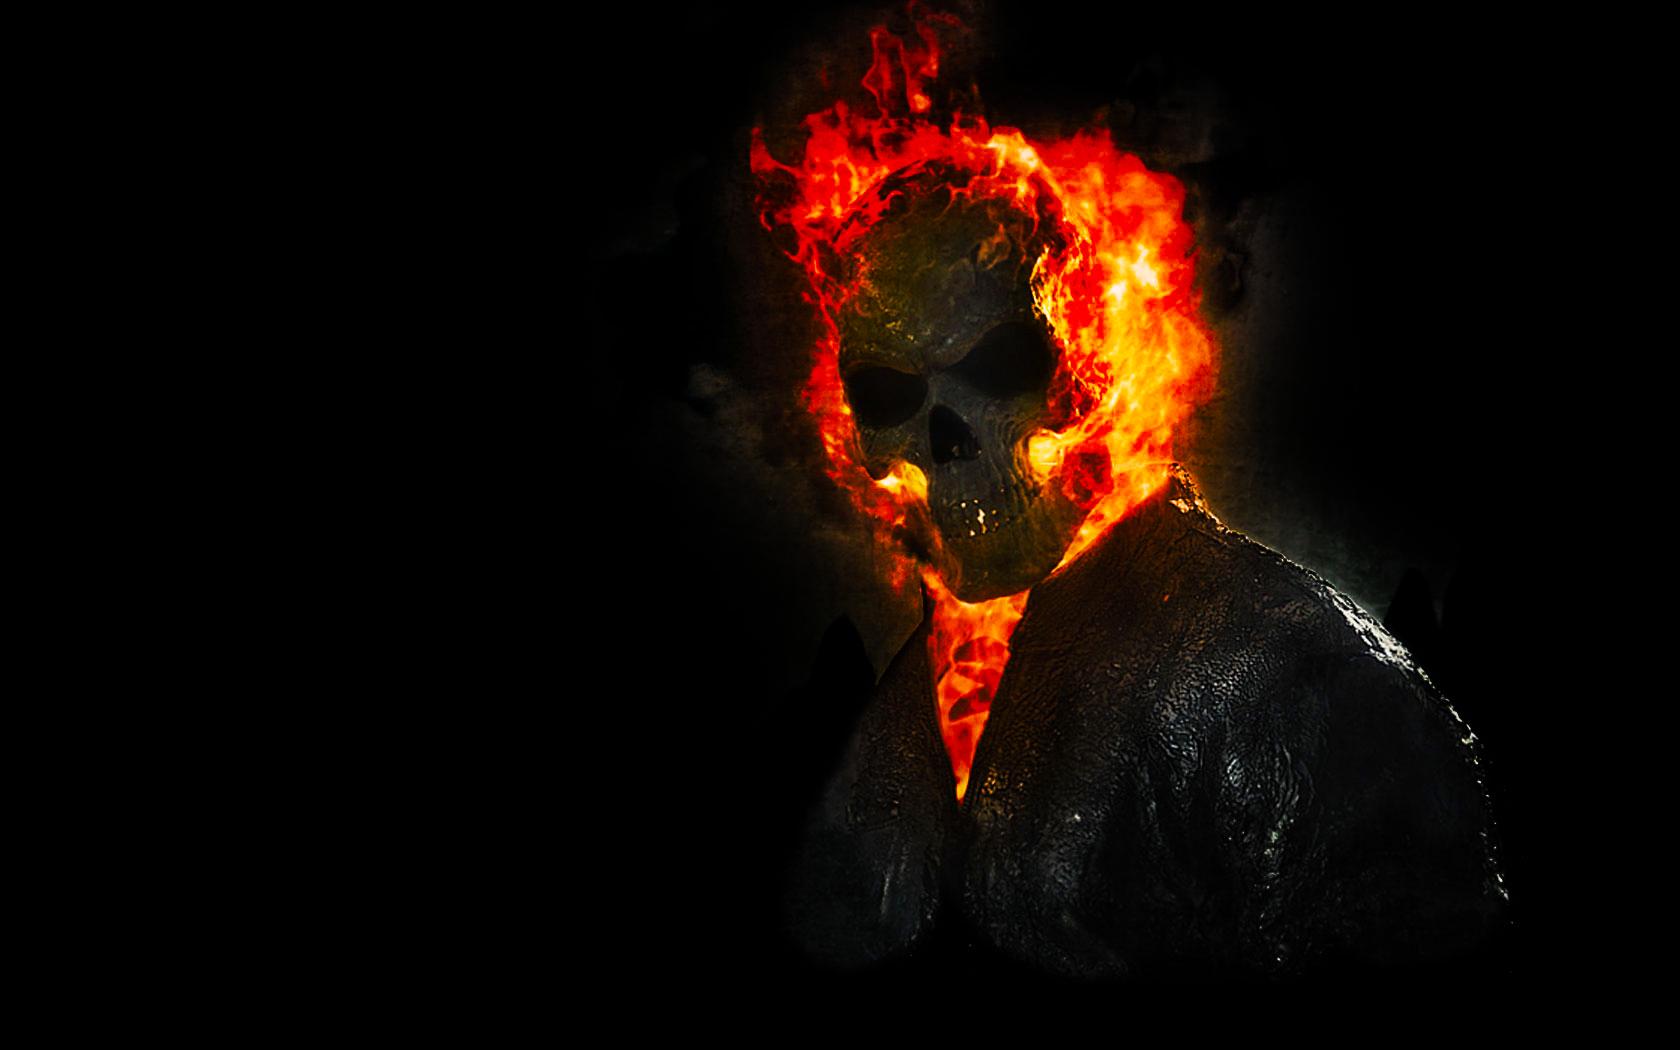 http://fc06.deviantart.net/fs70/f/2012/028/0/c/ghost_rider__spirit_of_vengeance_by_rehsup-d4nvyeu.png